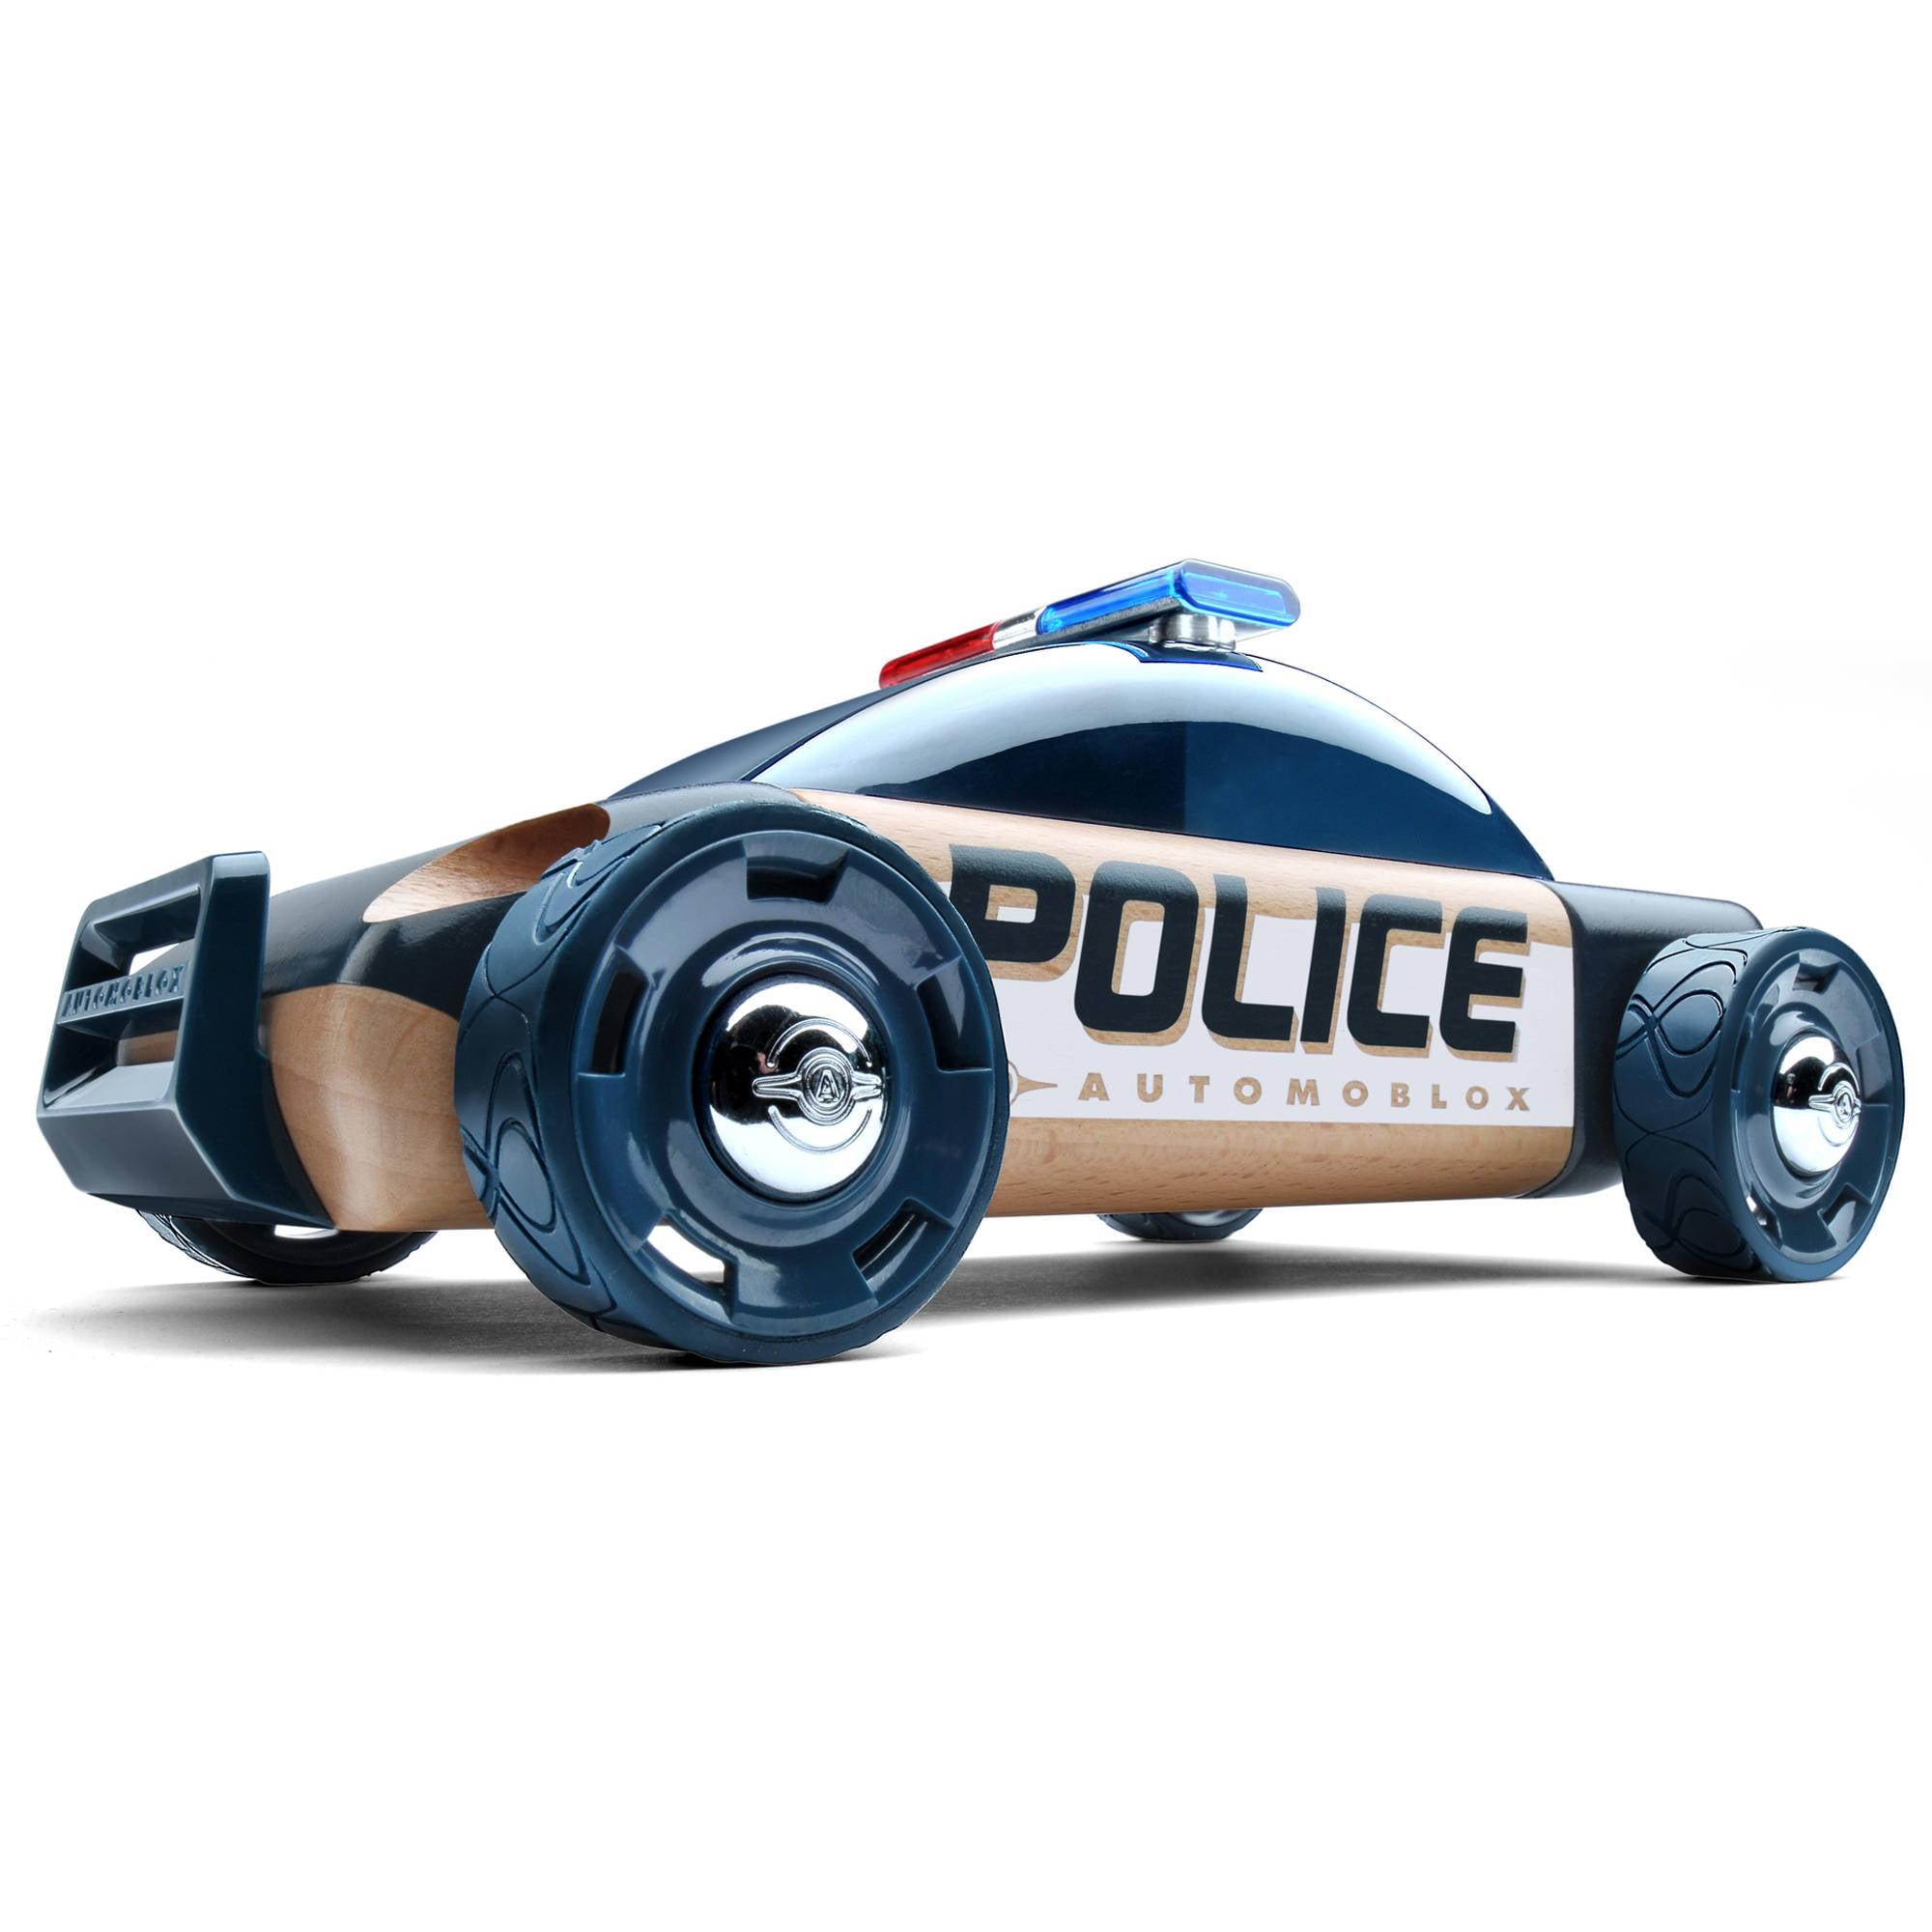 S9 Police Car by Automoblox